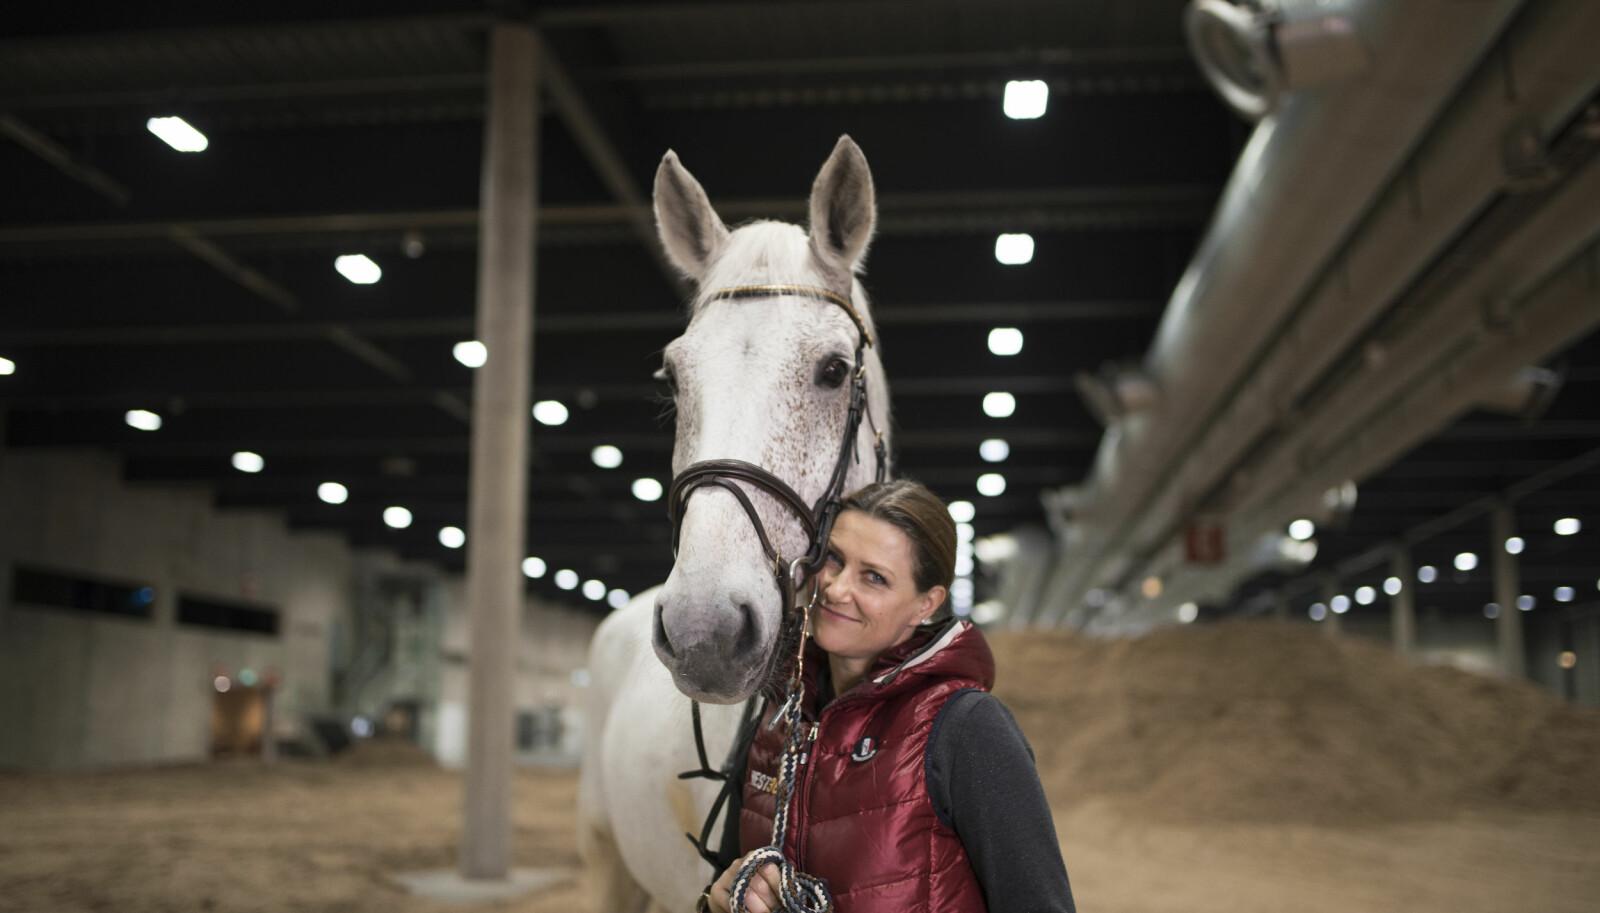 Prinsesse Märtha Louise har funnet glede i hest siden hun var et barn.